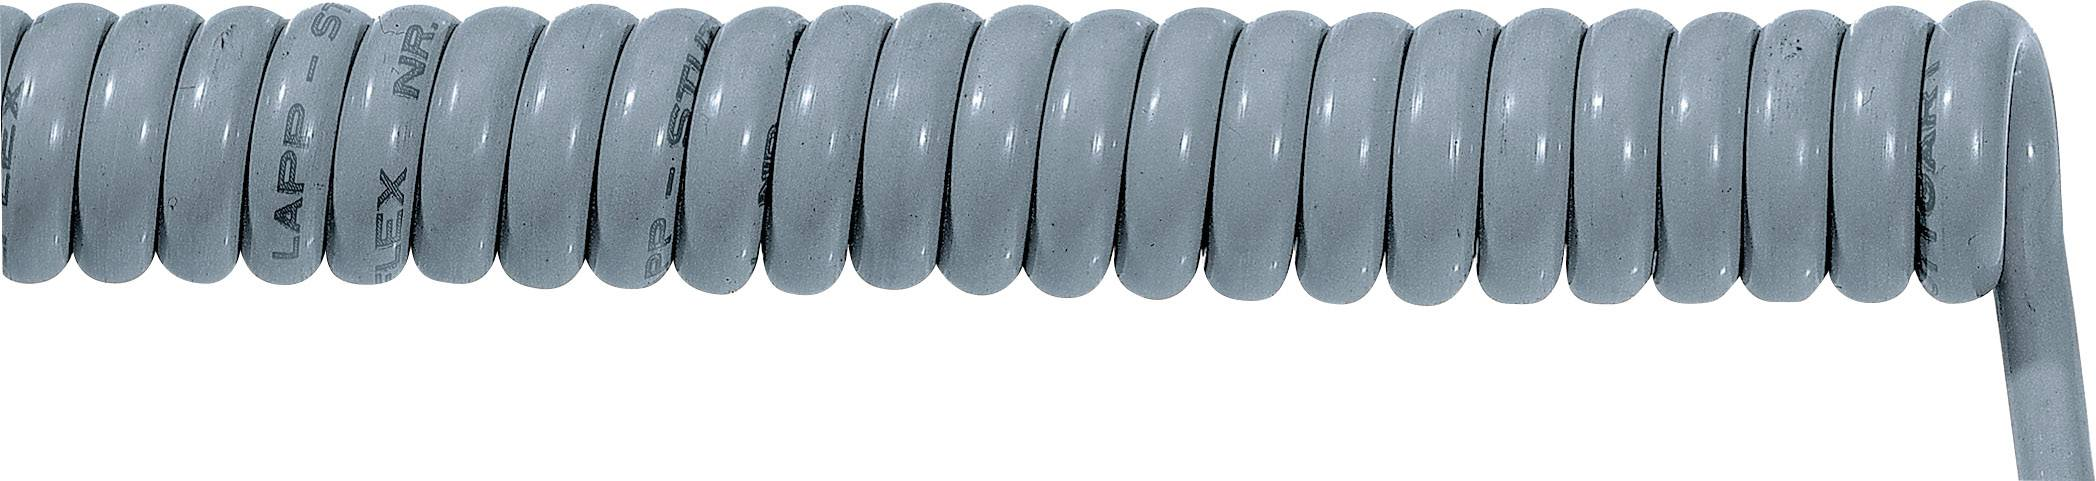 Špirálový kábel 70002634 ÖLFLEX® SPIRAL 400 P 4 x 0.75 mm², 500 mm / 1500 mm, sivá